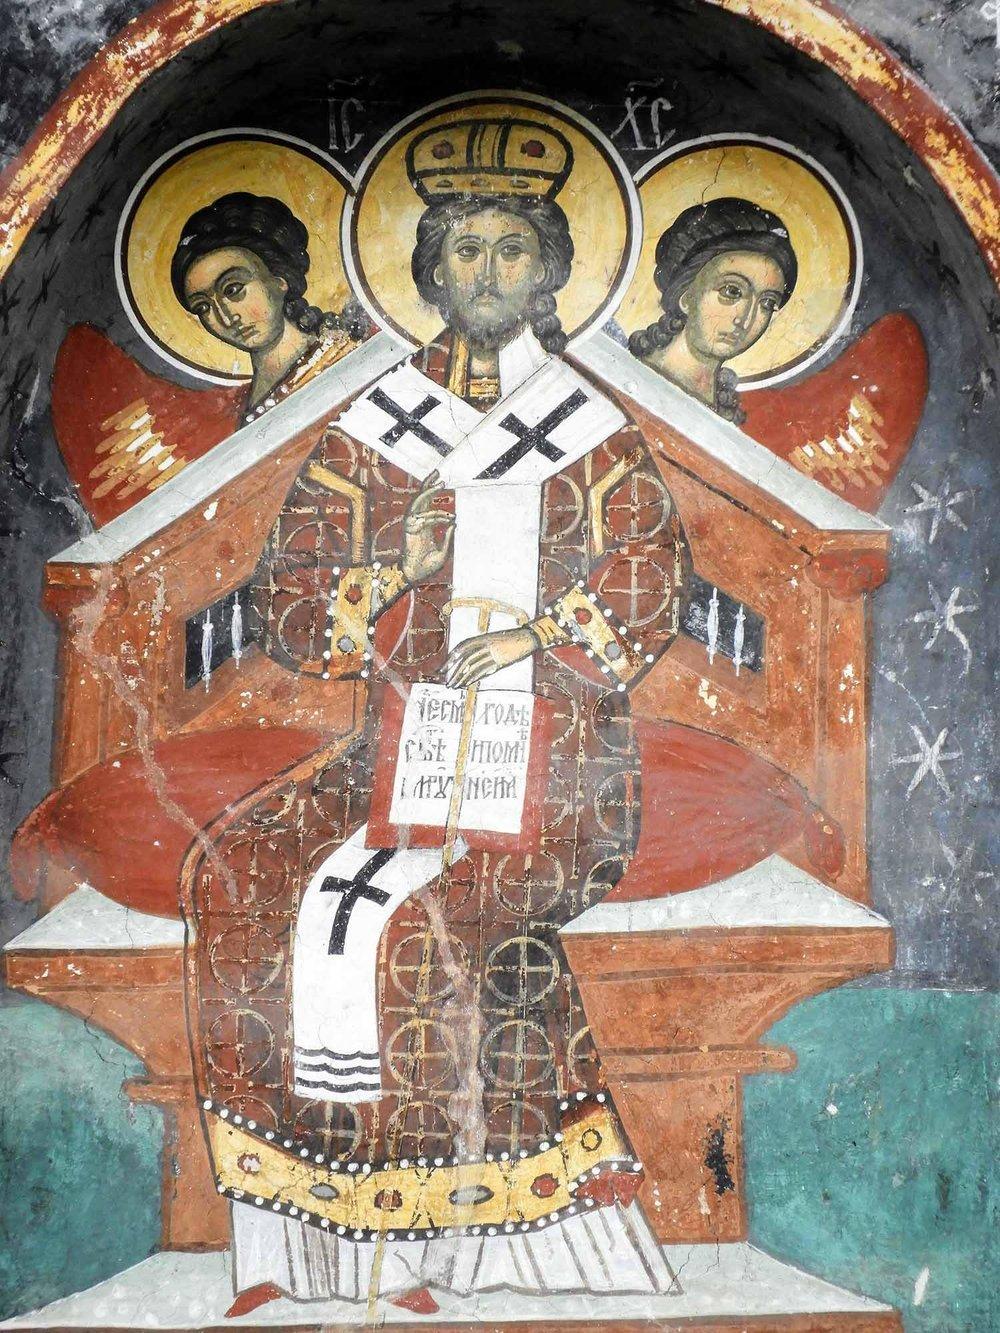 romania-bucovina-suveita-painted-monasteries (6).jpg